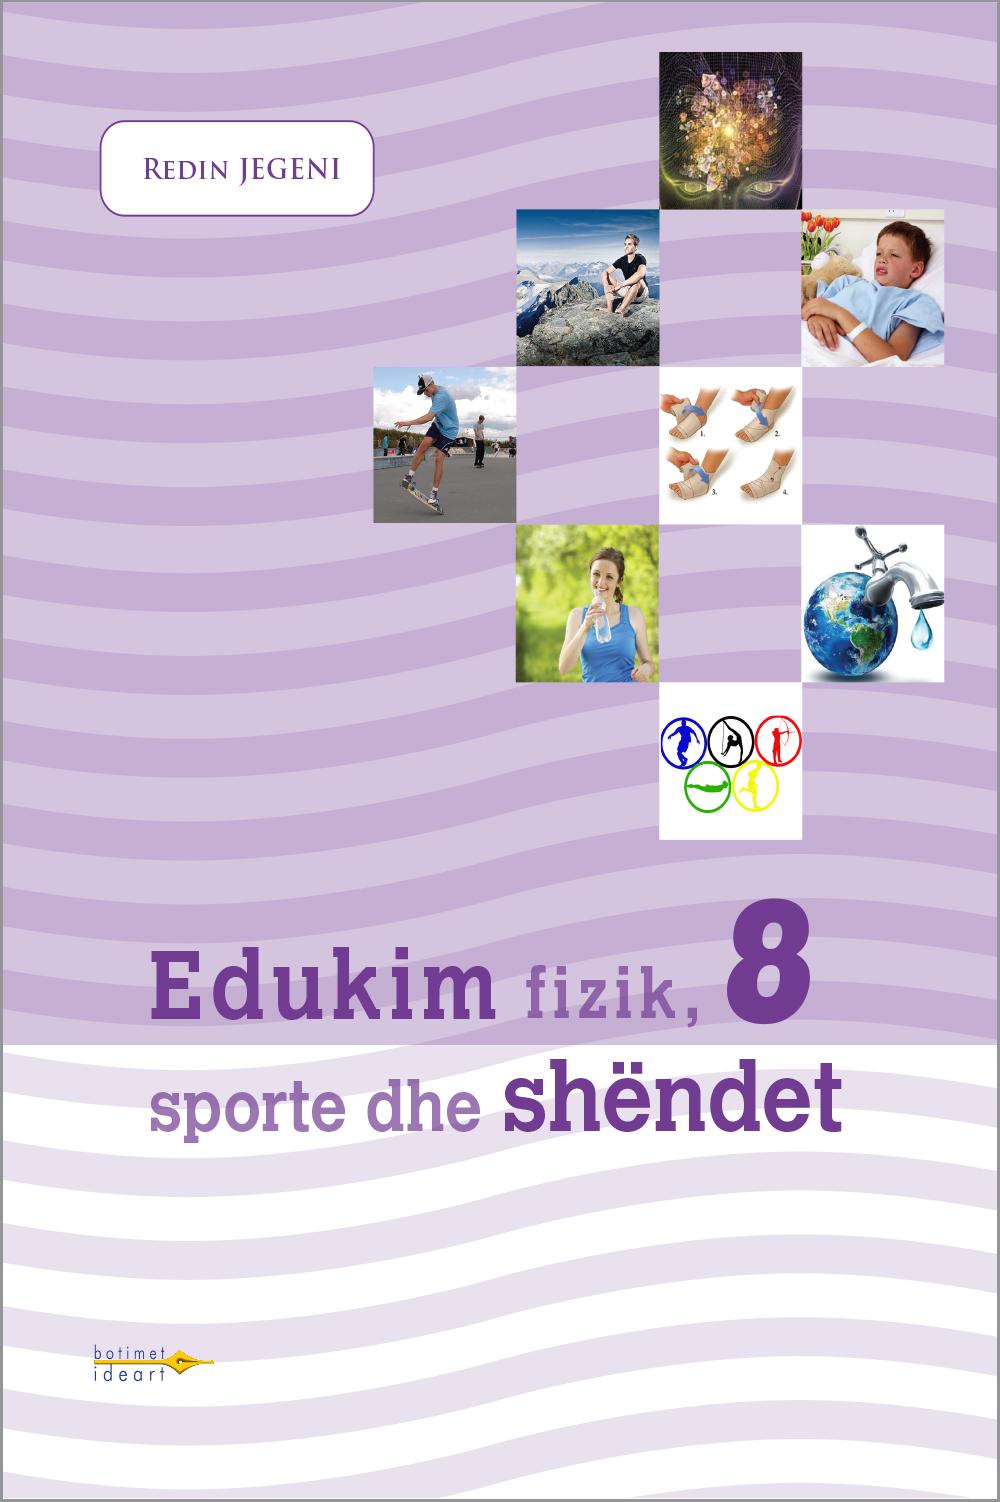 Edukim fizik, sporte dhe shëndet 8